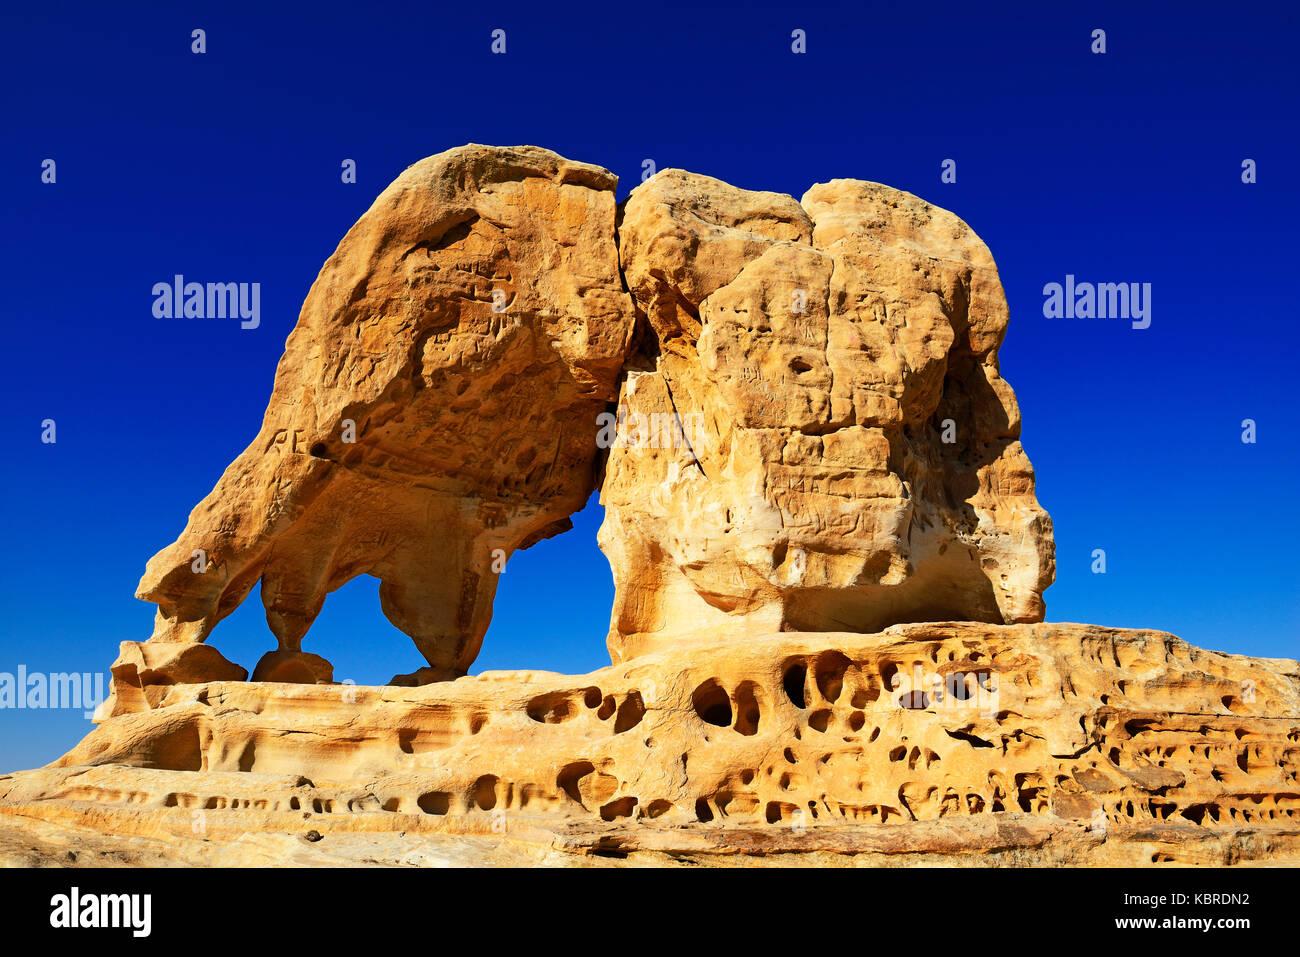 Roche de l'éléphant en dehors de Petra, Wadi Musa, Jordan Photo Stock